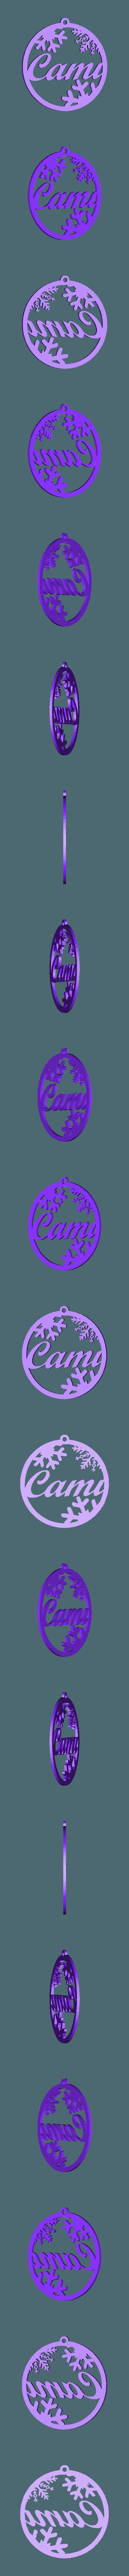 Cami.stl Télécharger fichier STL gratuit décoration de Noël • Objet à imprimer en 3D, Centro3D